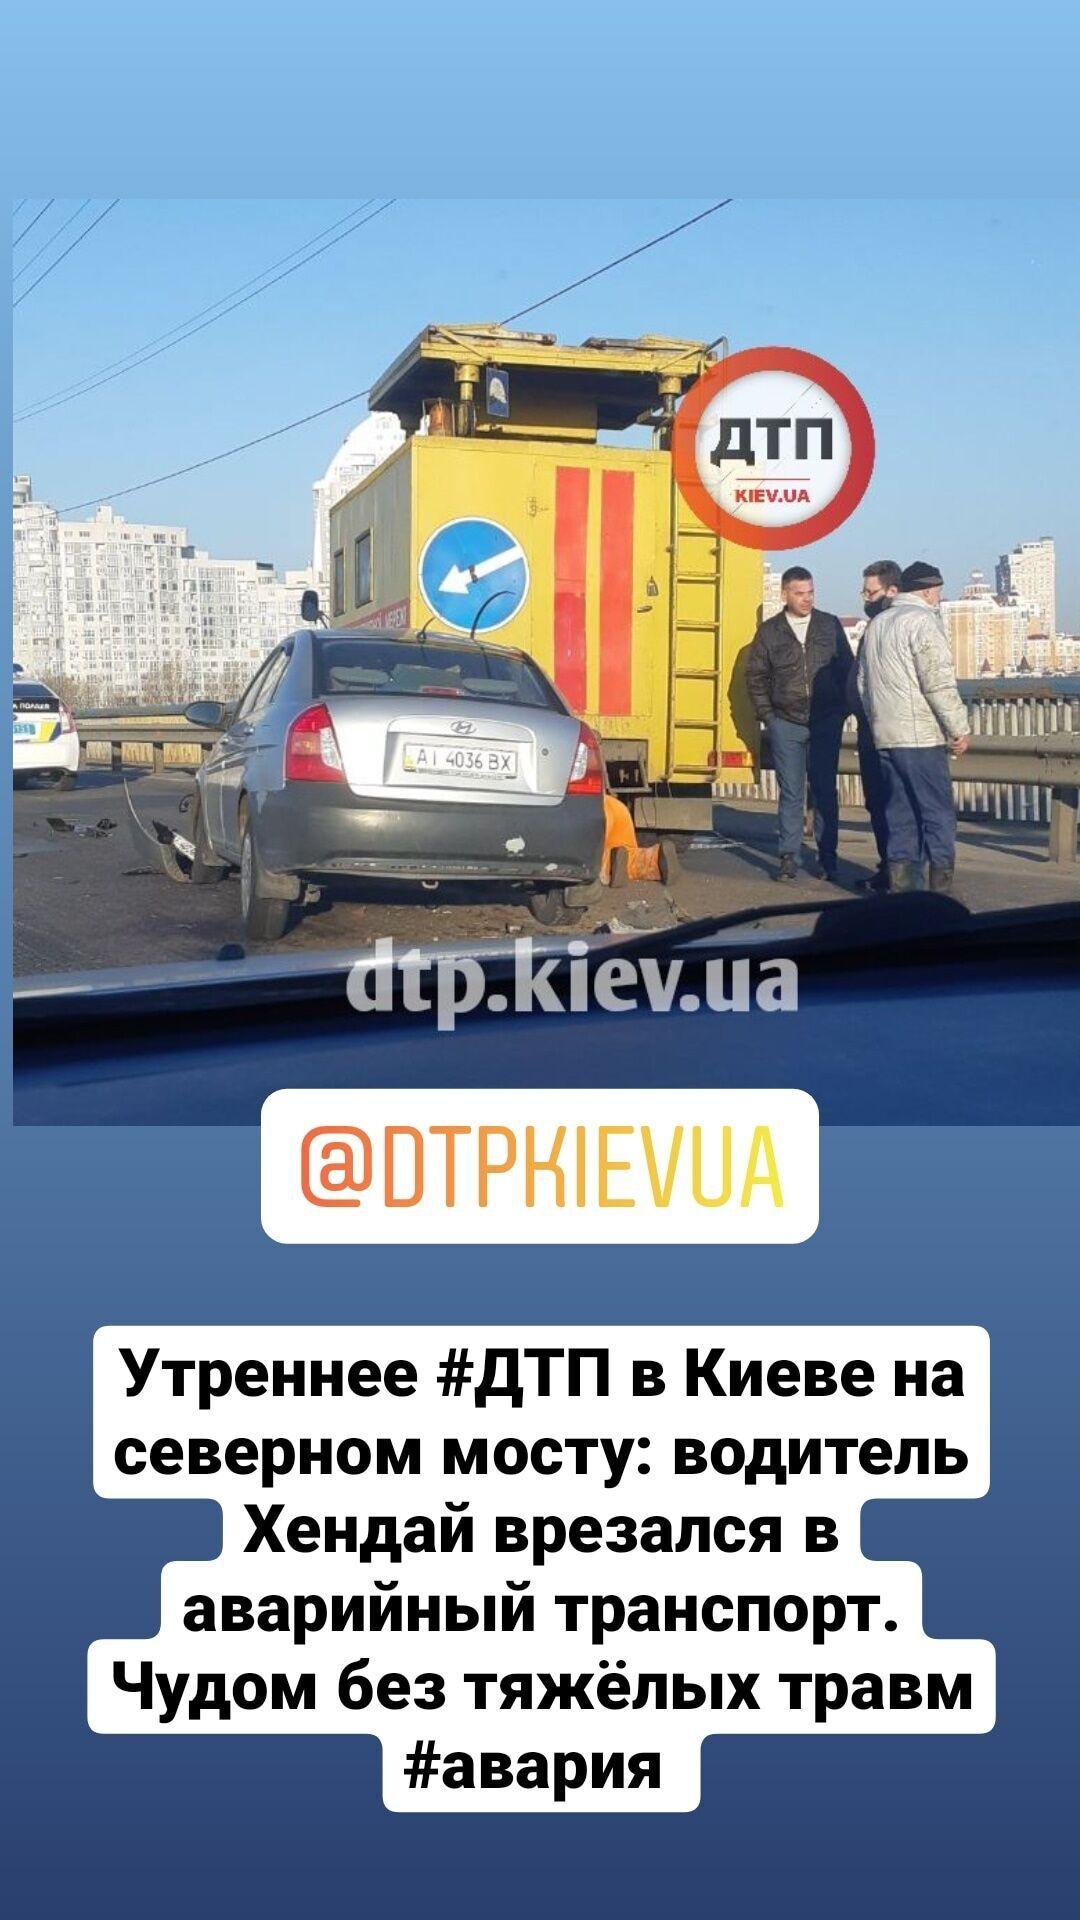 В Киеве за день произошло несколько крупных ДТП: среди причин – пьяное вождение. Фото